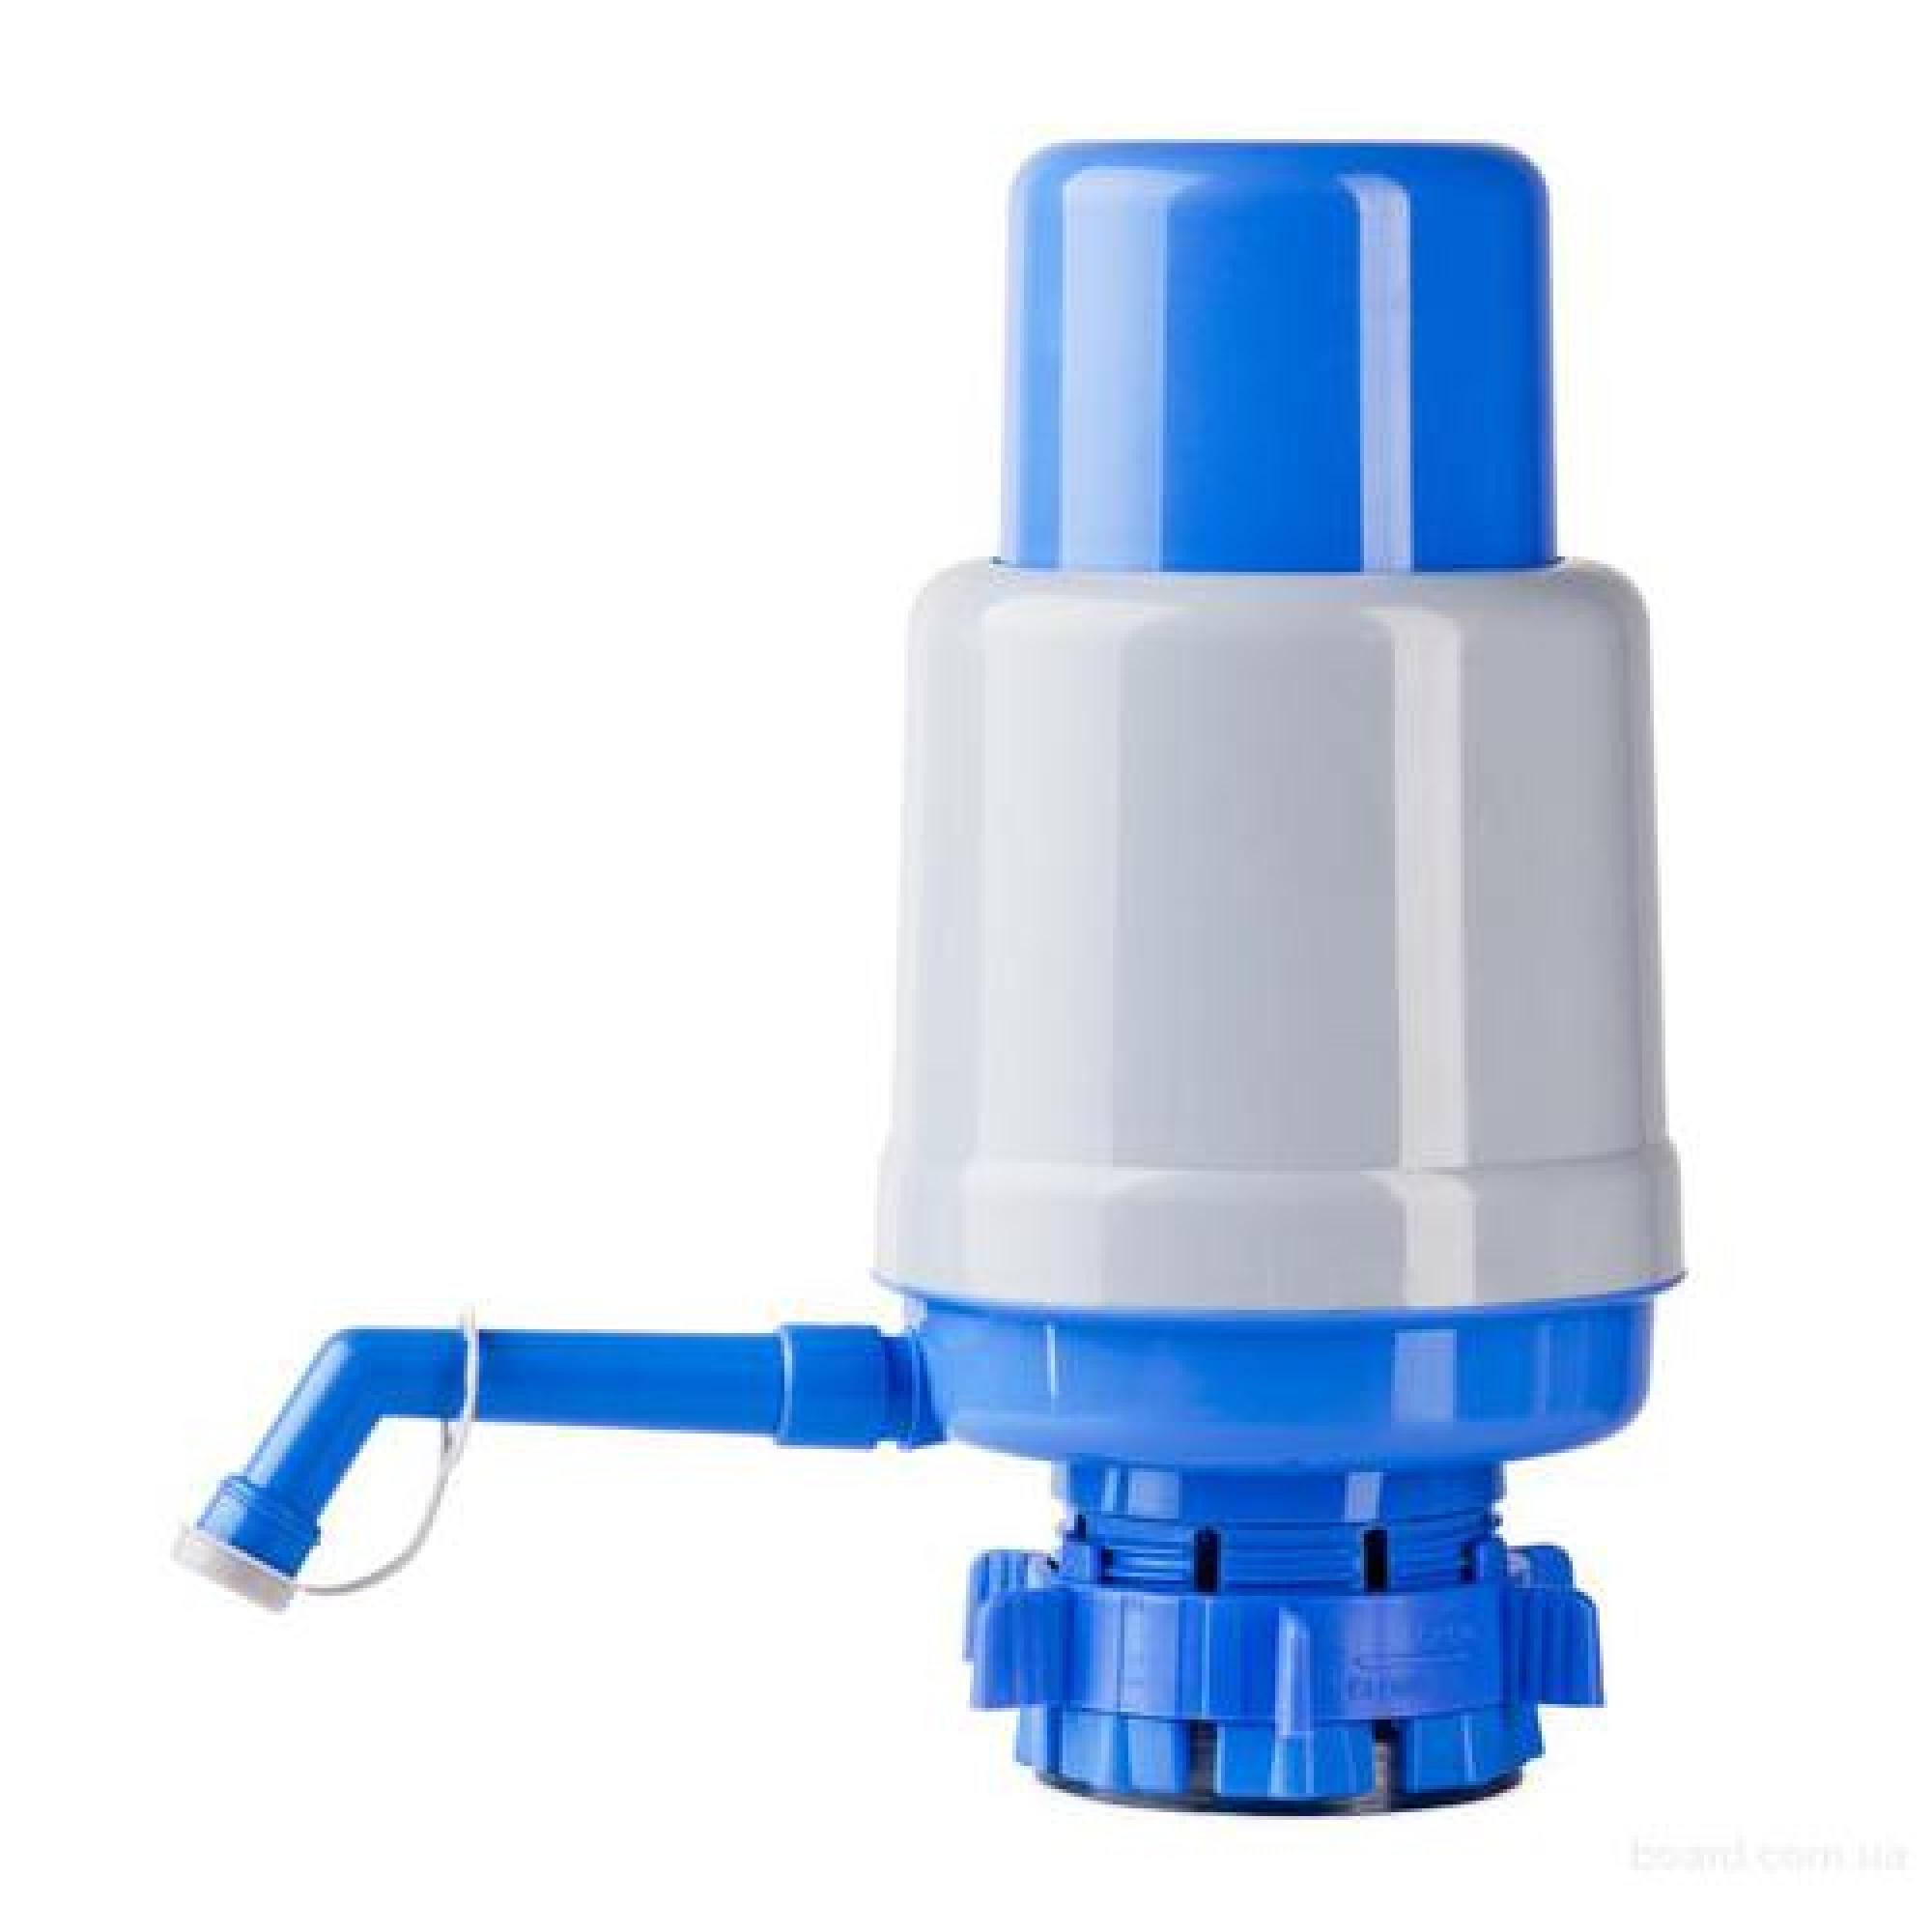 Помпа для воды SMIXX MAXIMUM